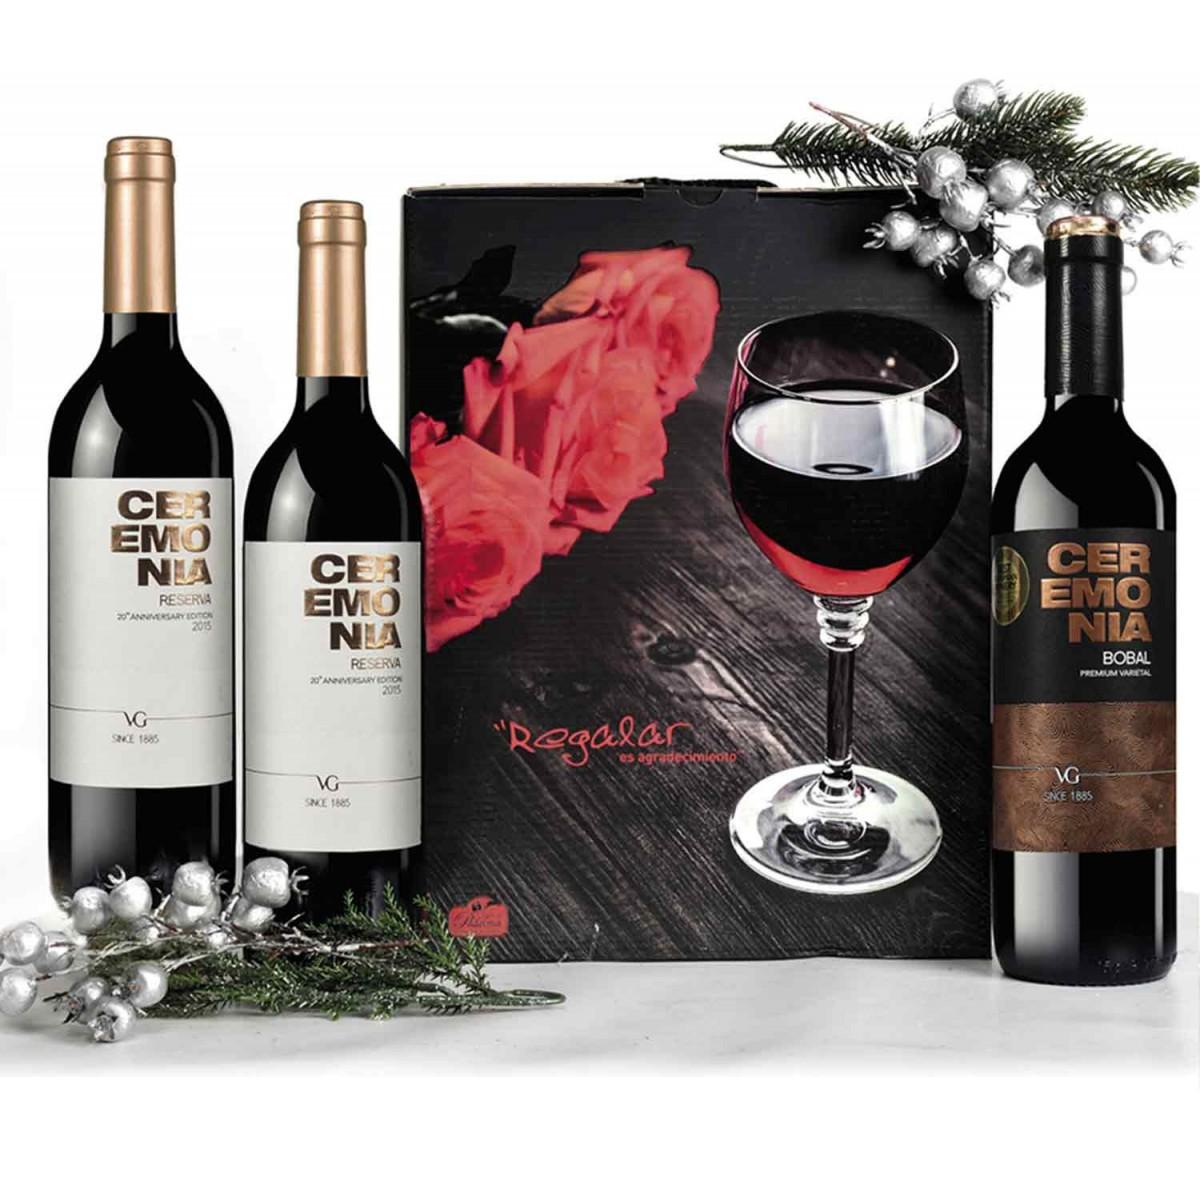 https://www.carneseleccion.com/10569-thickbox_default/seleccion-de-vinos-de-navidad-n-220.jpg